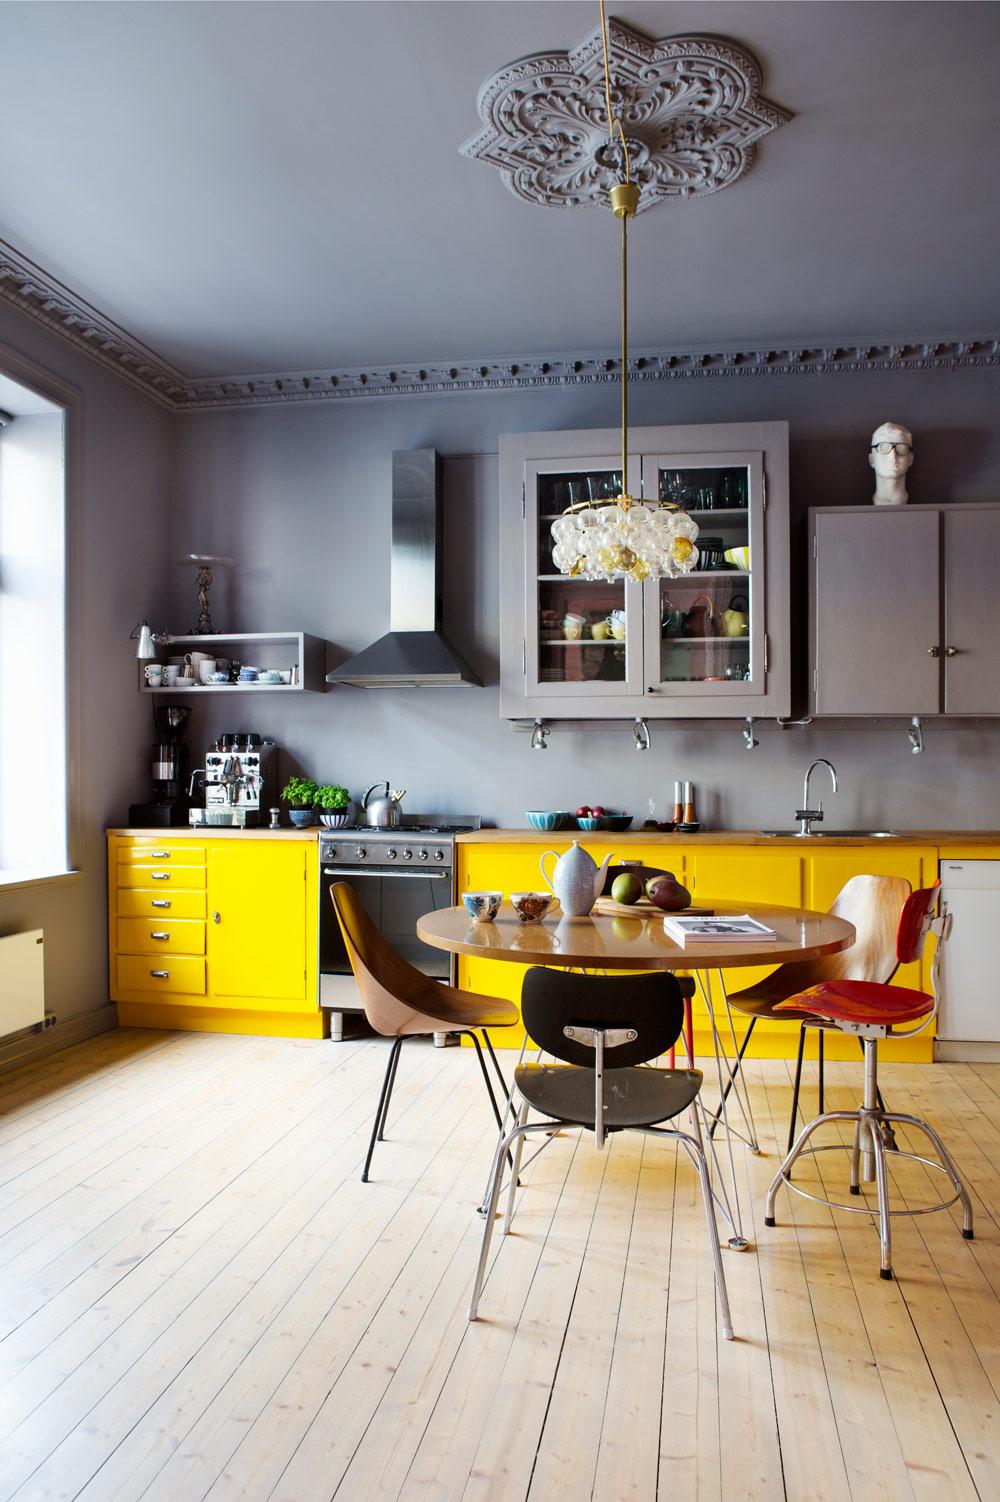 Giallo, grigio e modernariato sono gli ingredienti per una cucina ...